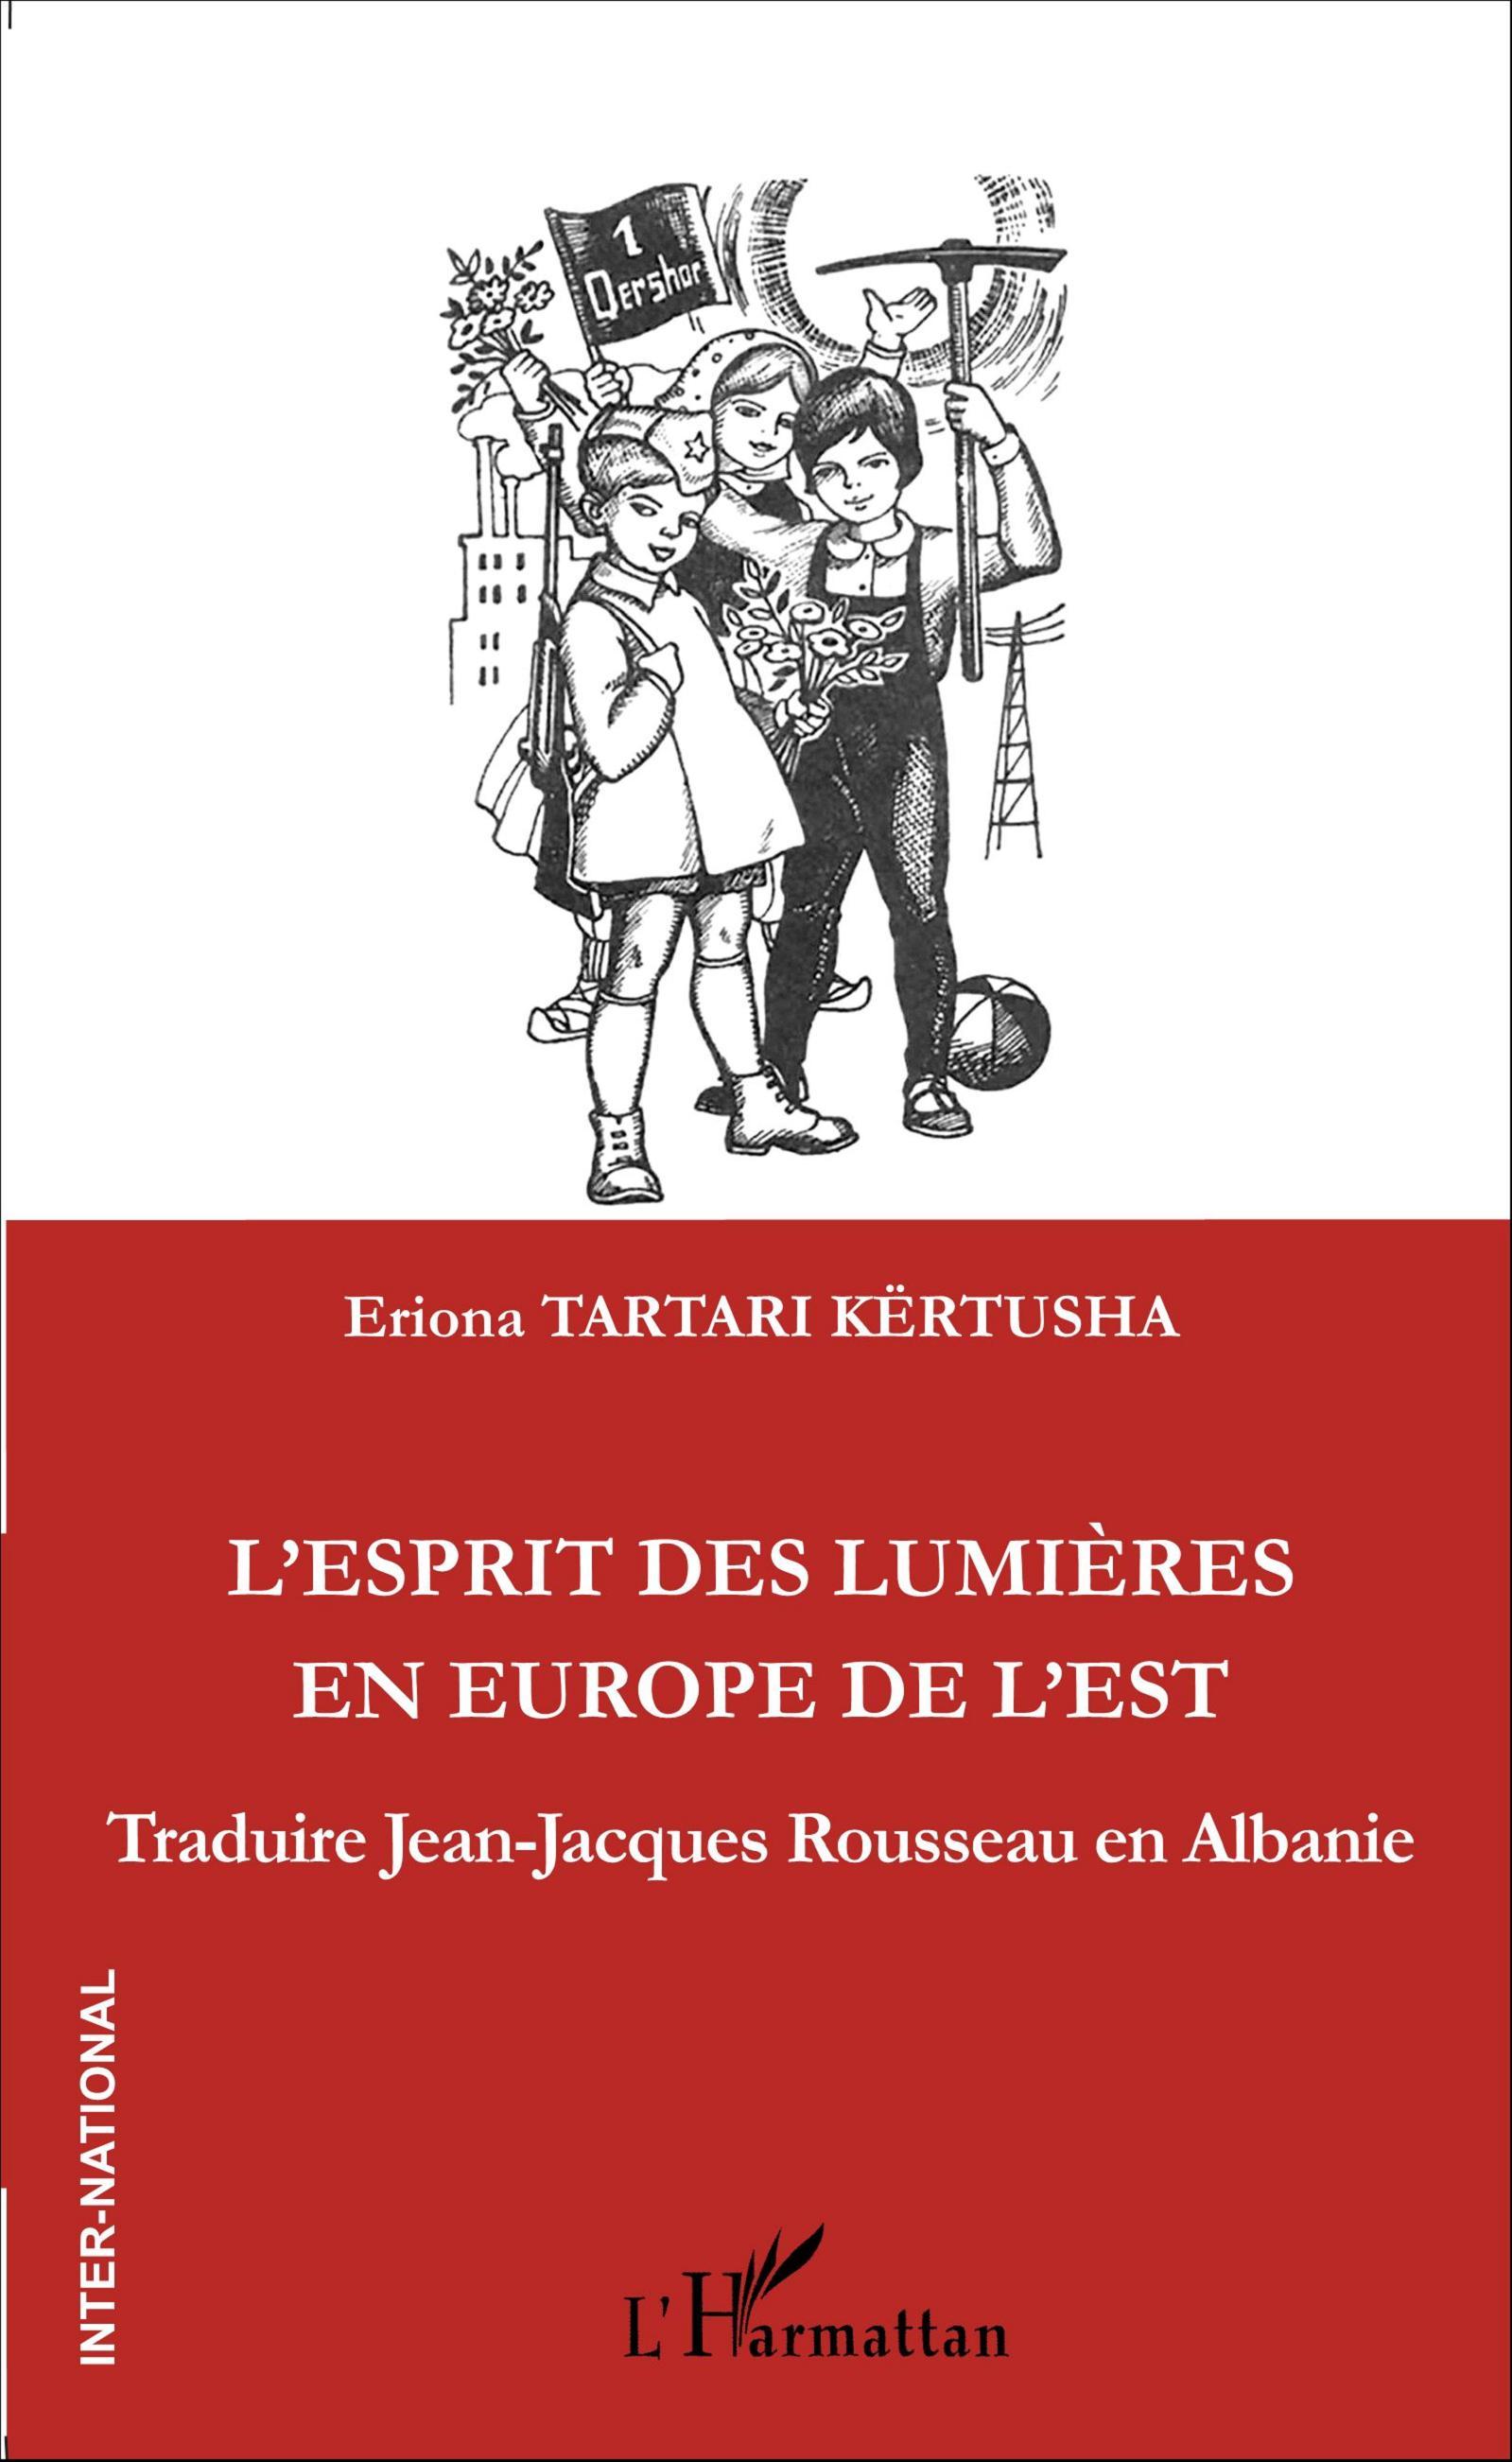 E tartari k rtusha l 39 esprit des lumi res en europe de l 39 est - L esprit des lumieres ...